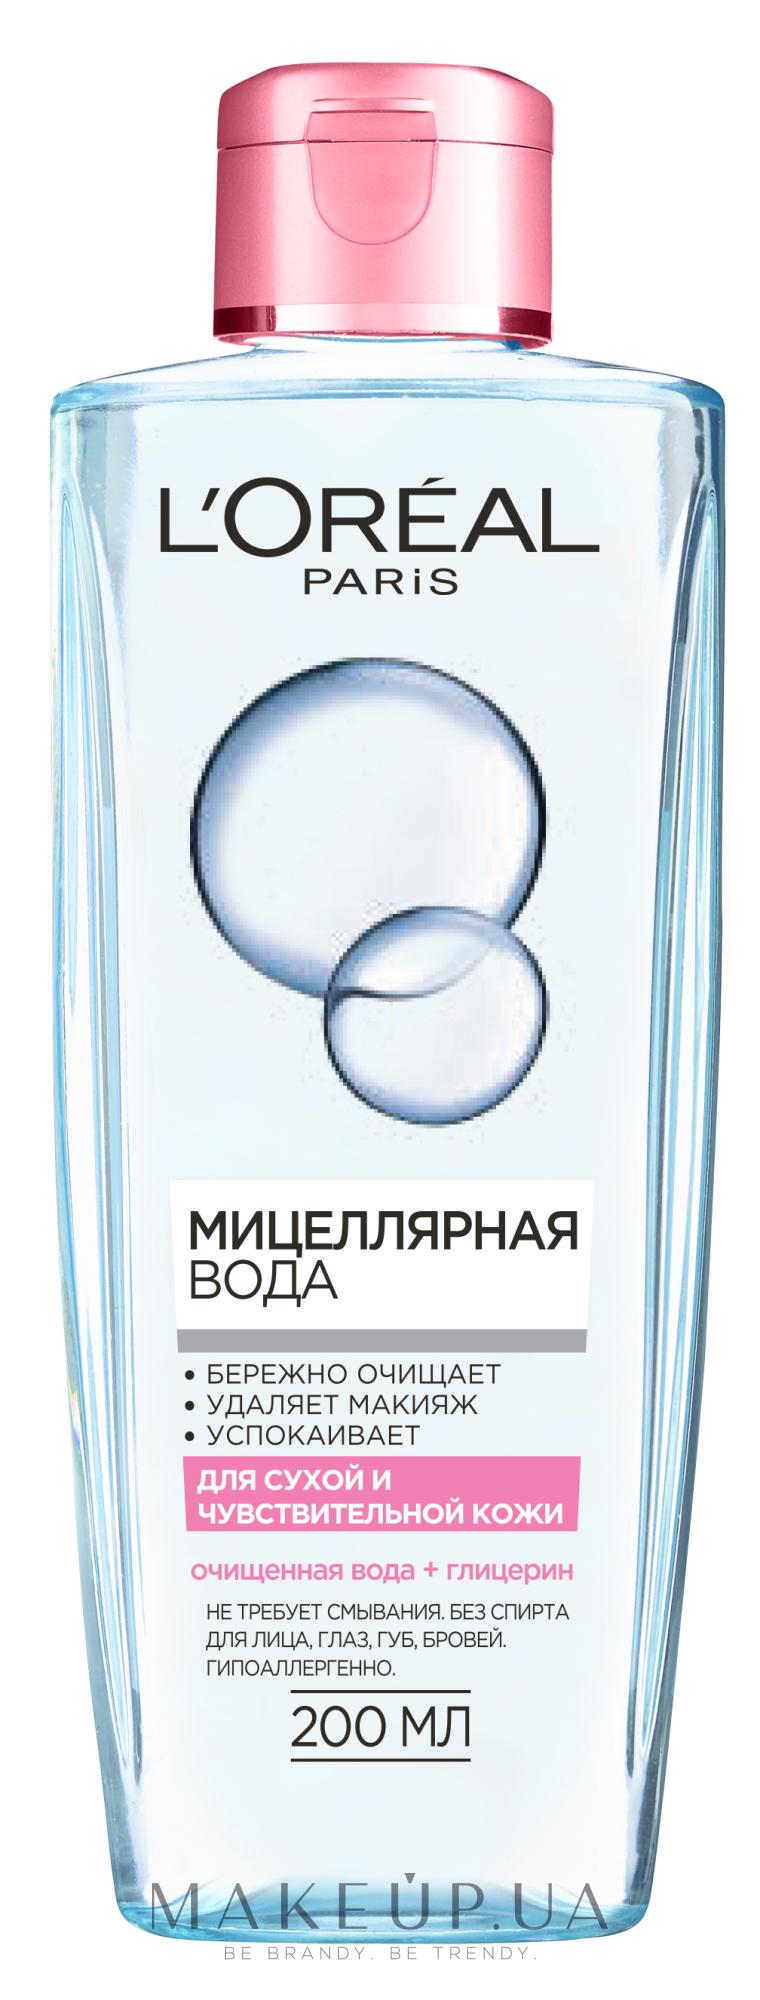 Мицеллярная вода для сухой и чувствительной кожи - L'Oreal Paris Skin Expert Micellar Water — фото 200ml